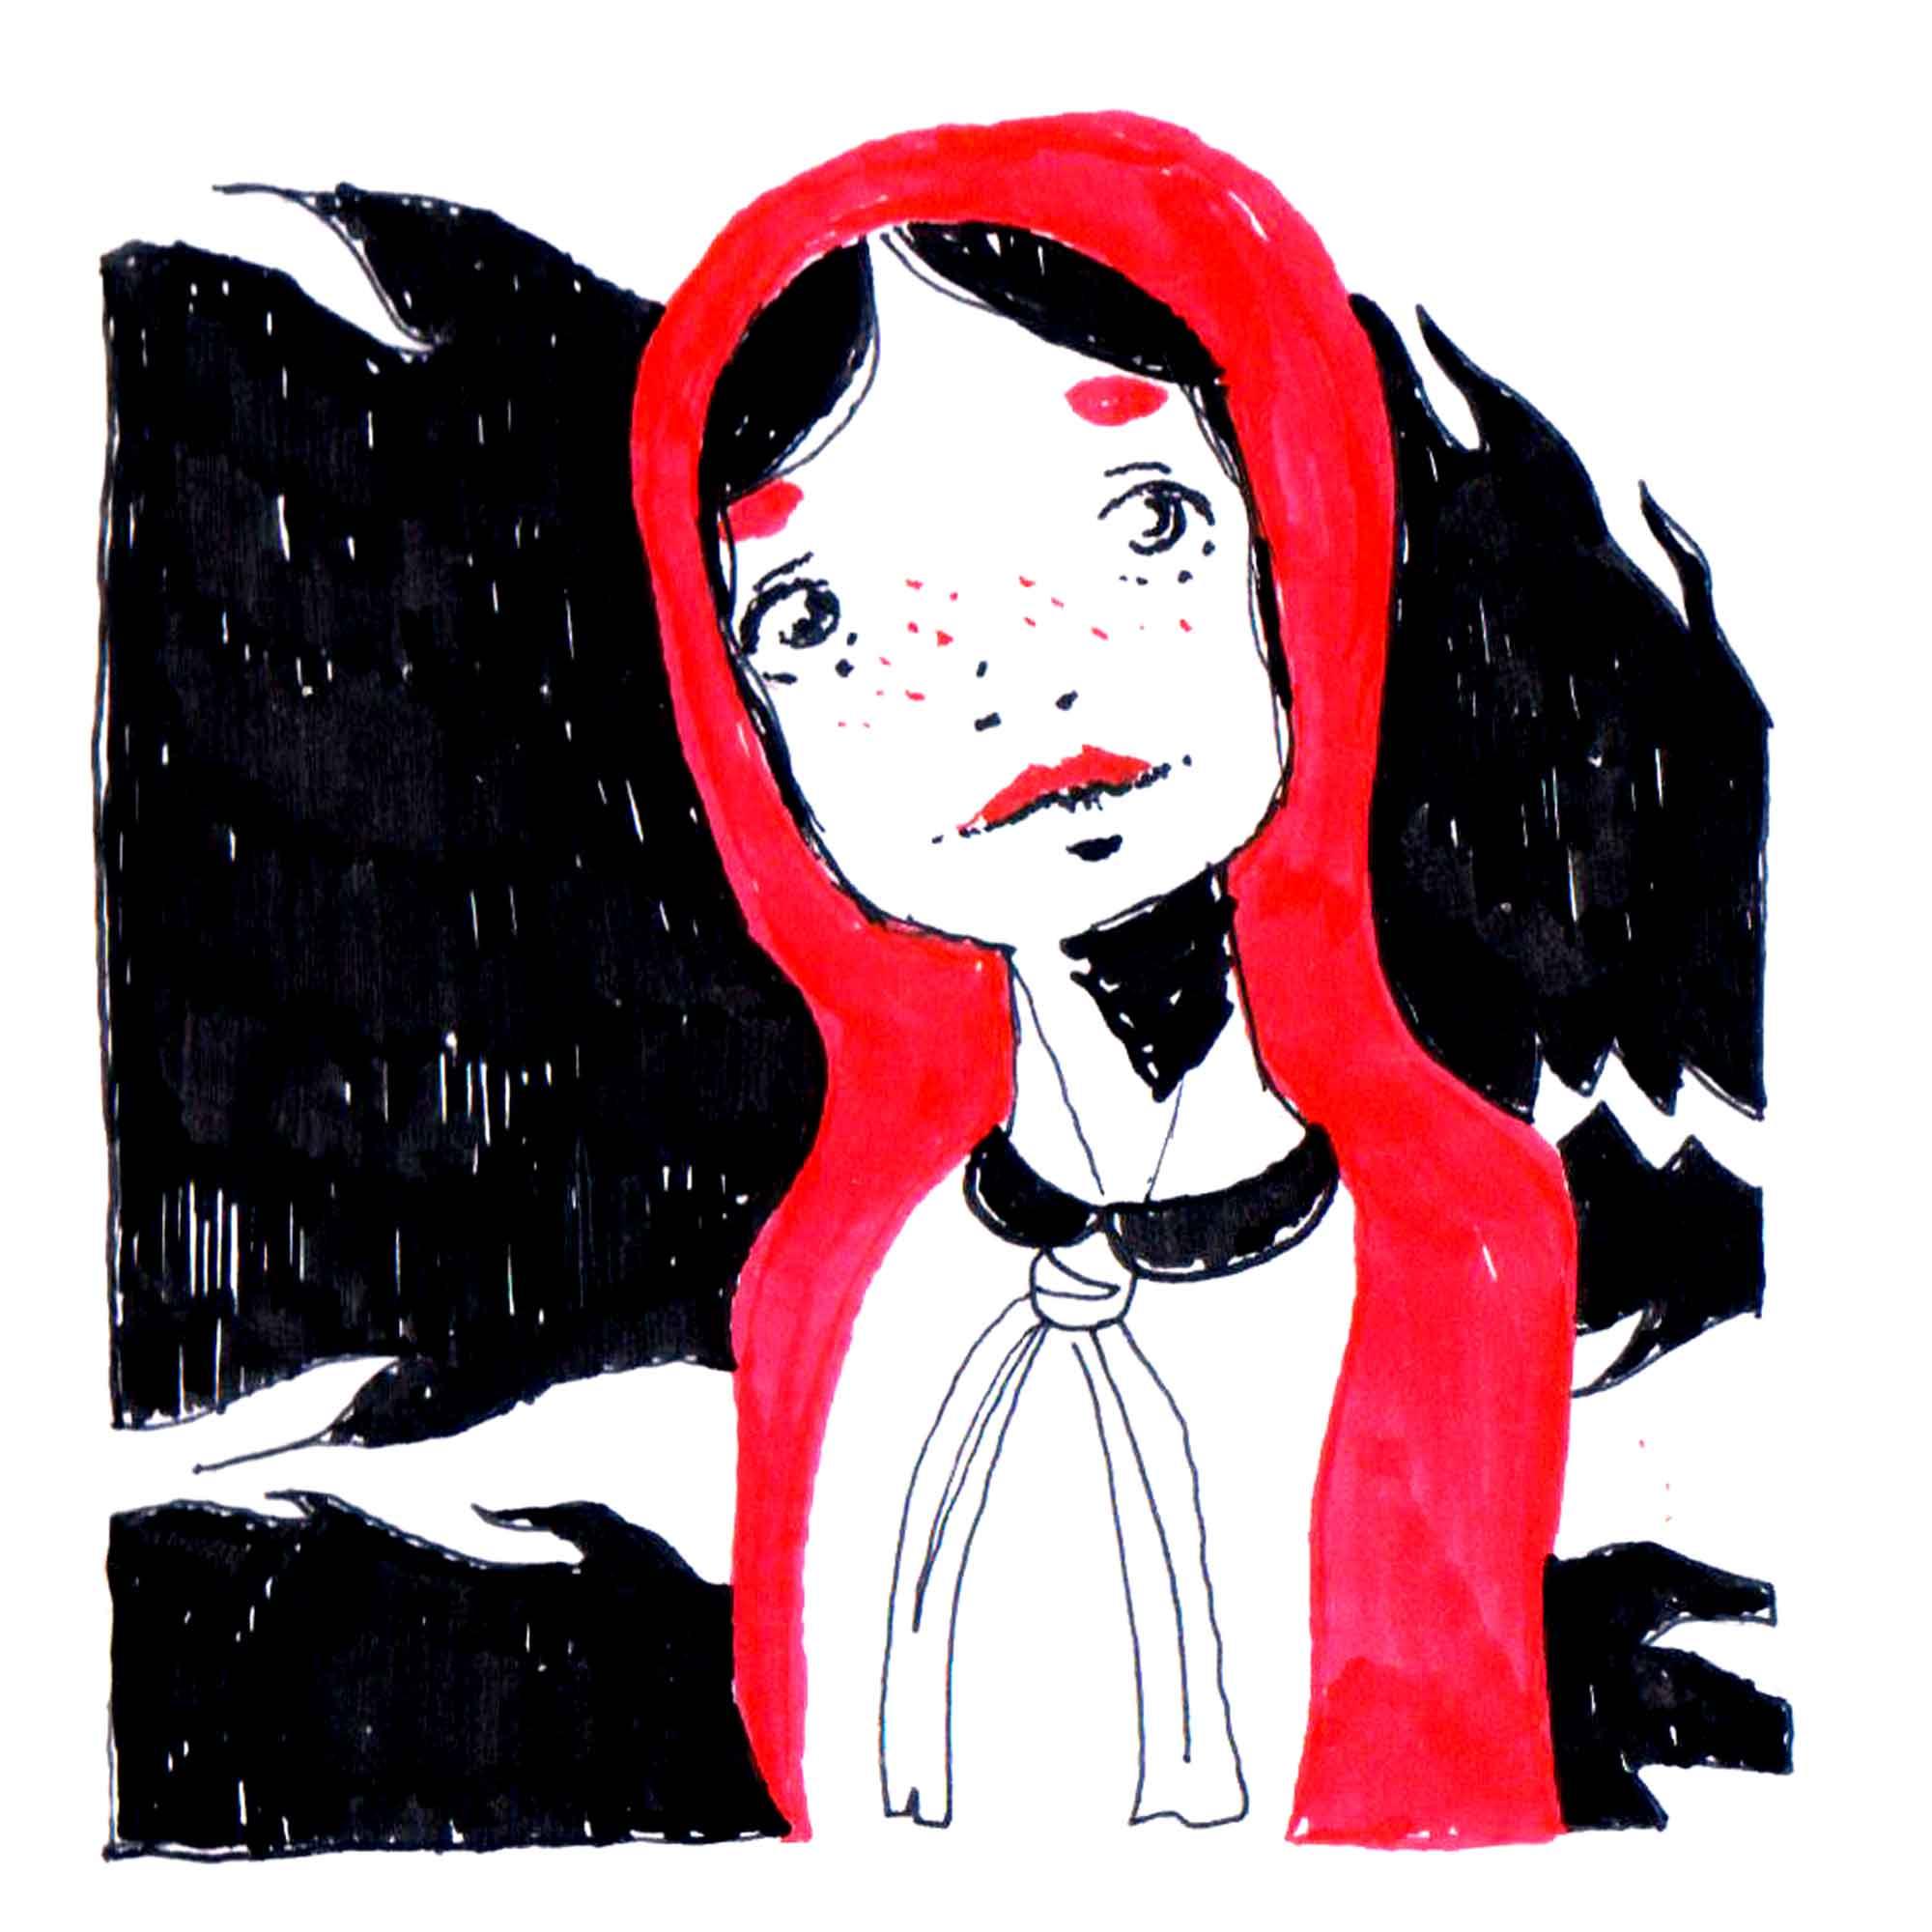 cappuccetto rosso fiaba illustrata diego gabriele 01 cappuccetto rosso fiaba